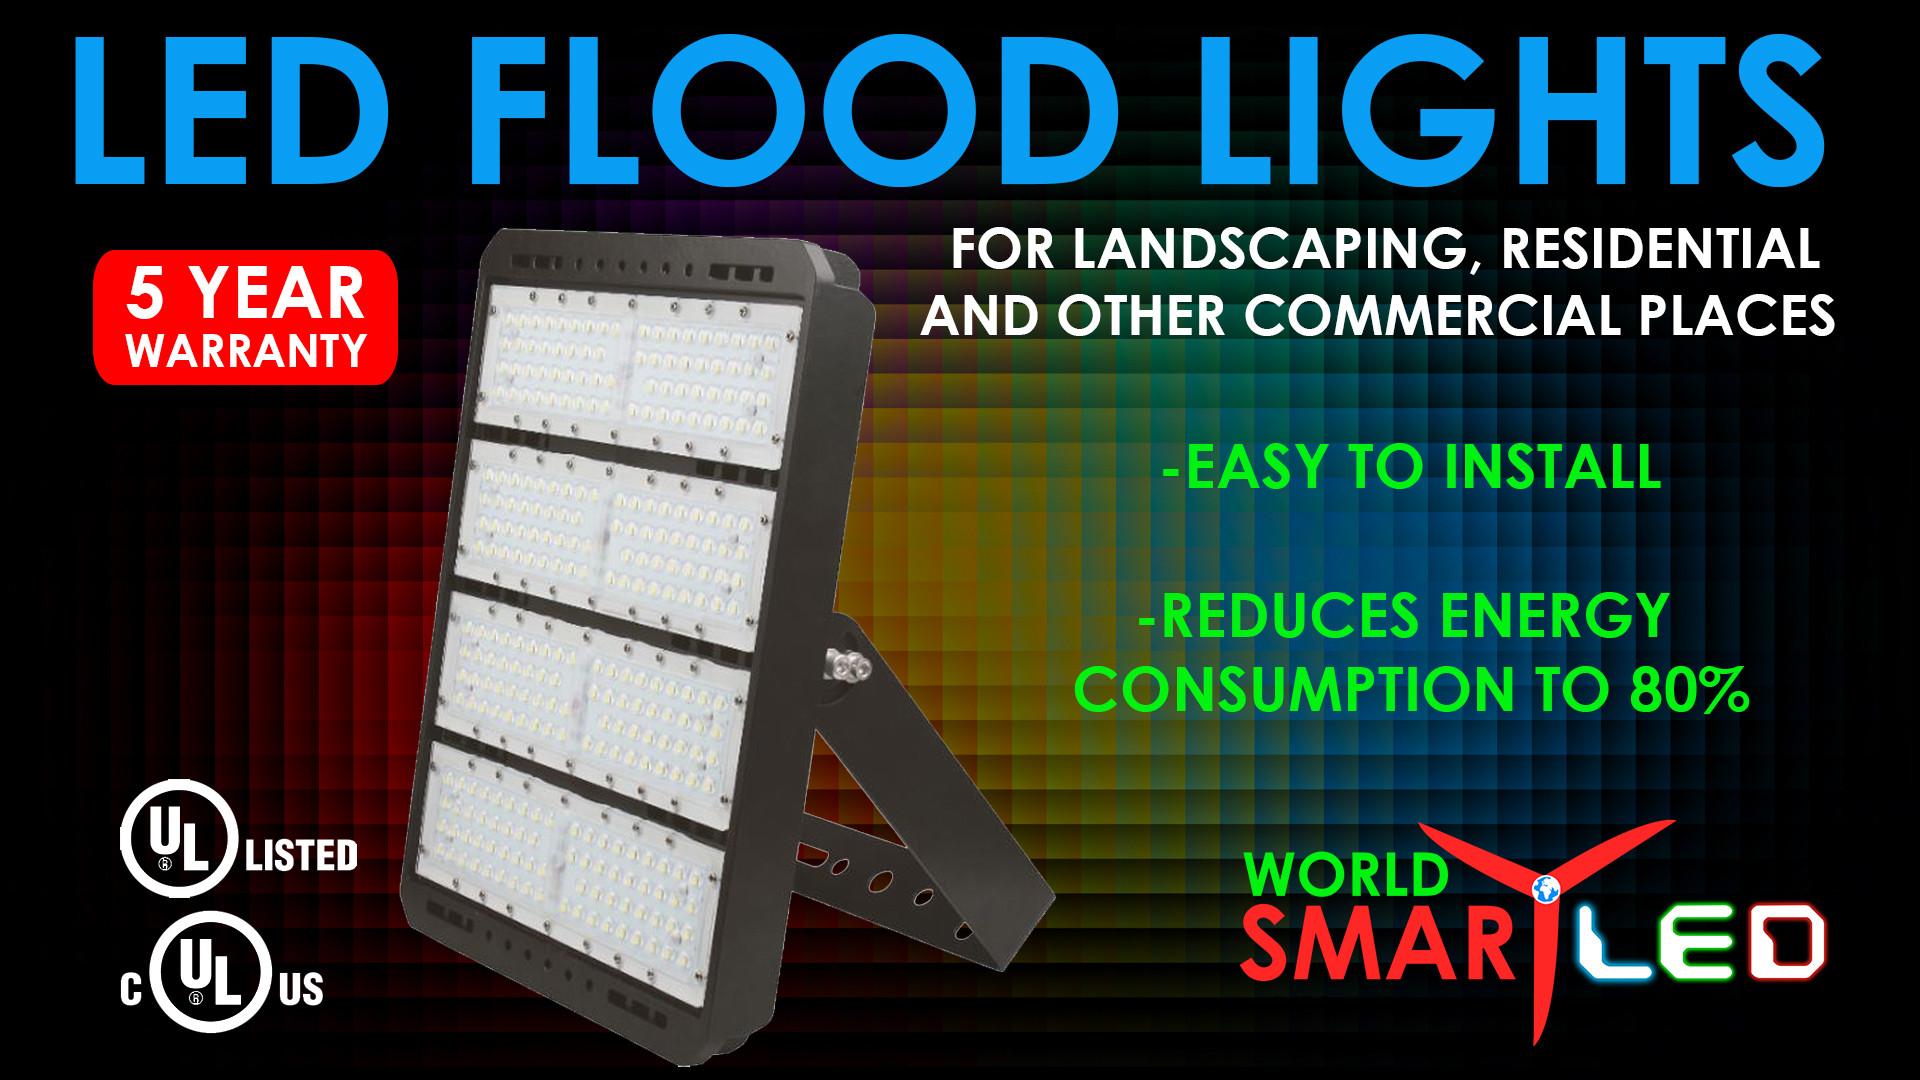 LED FLOOD LIGHT AD